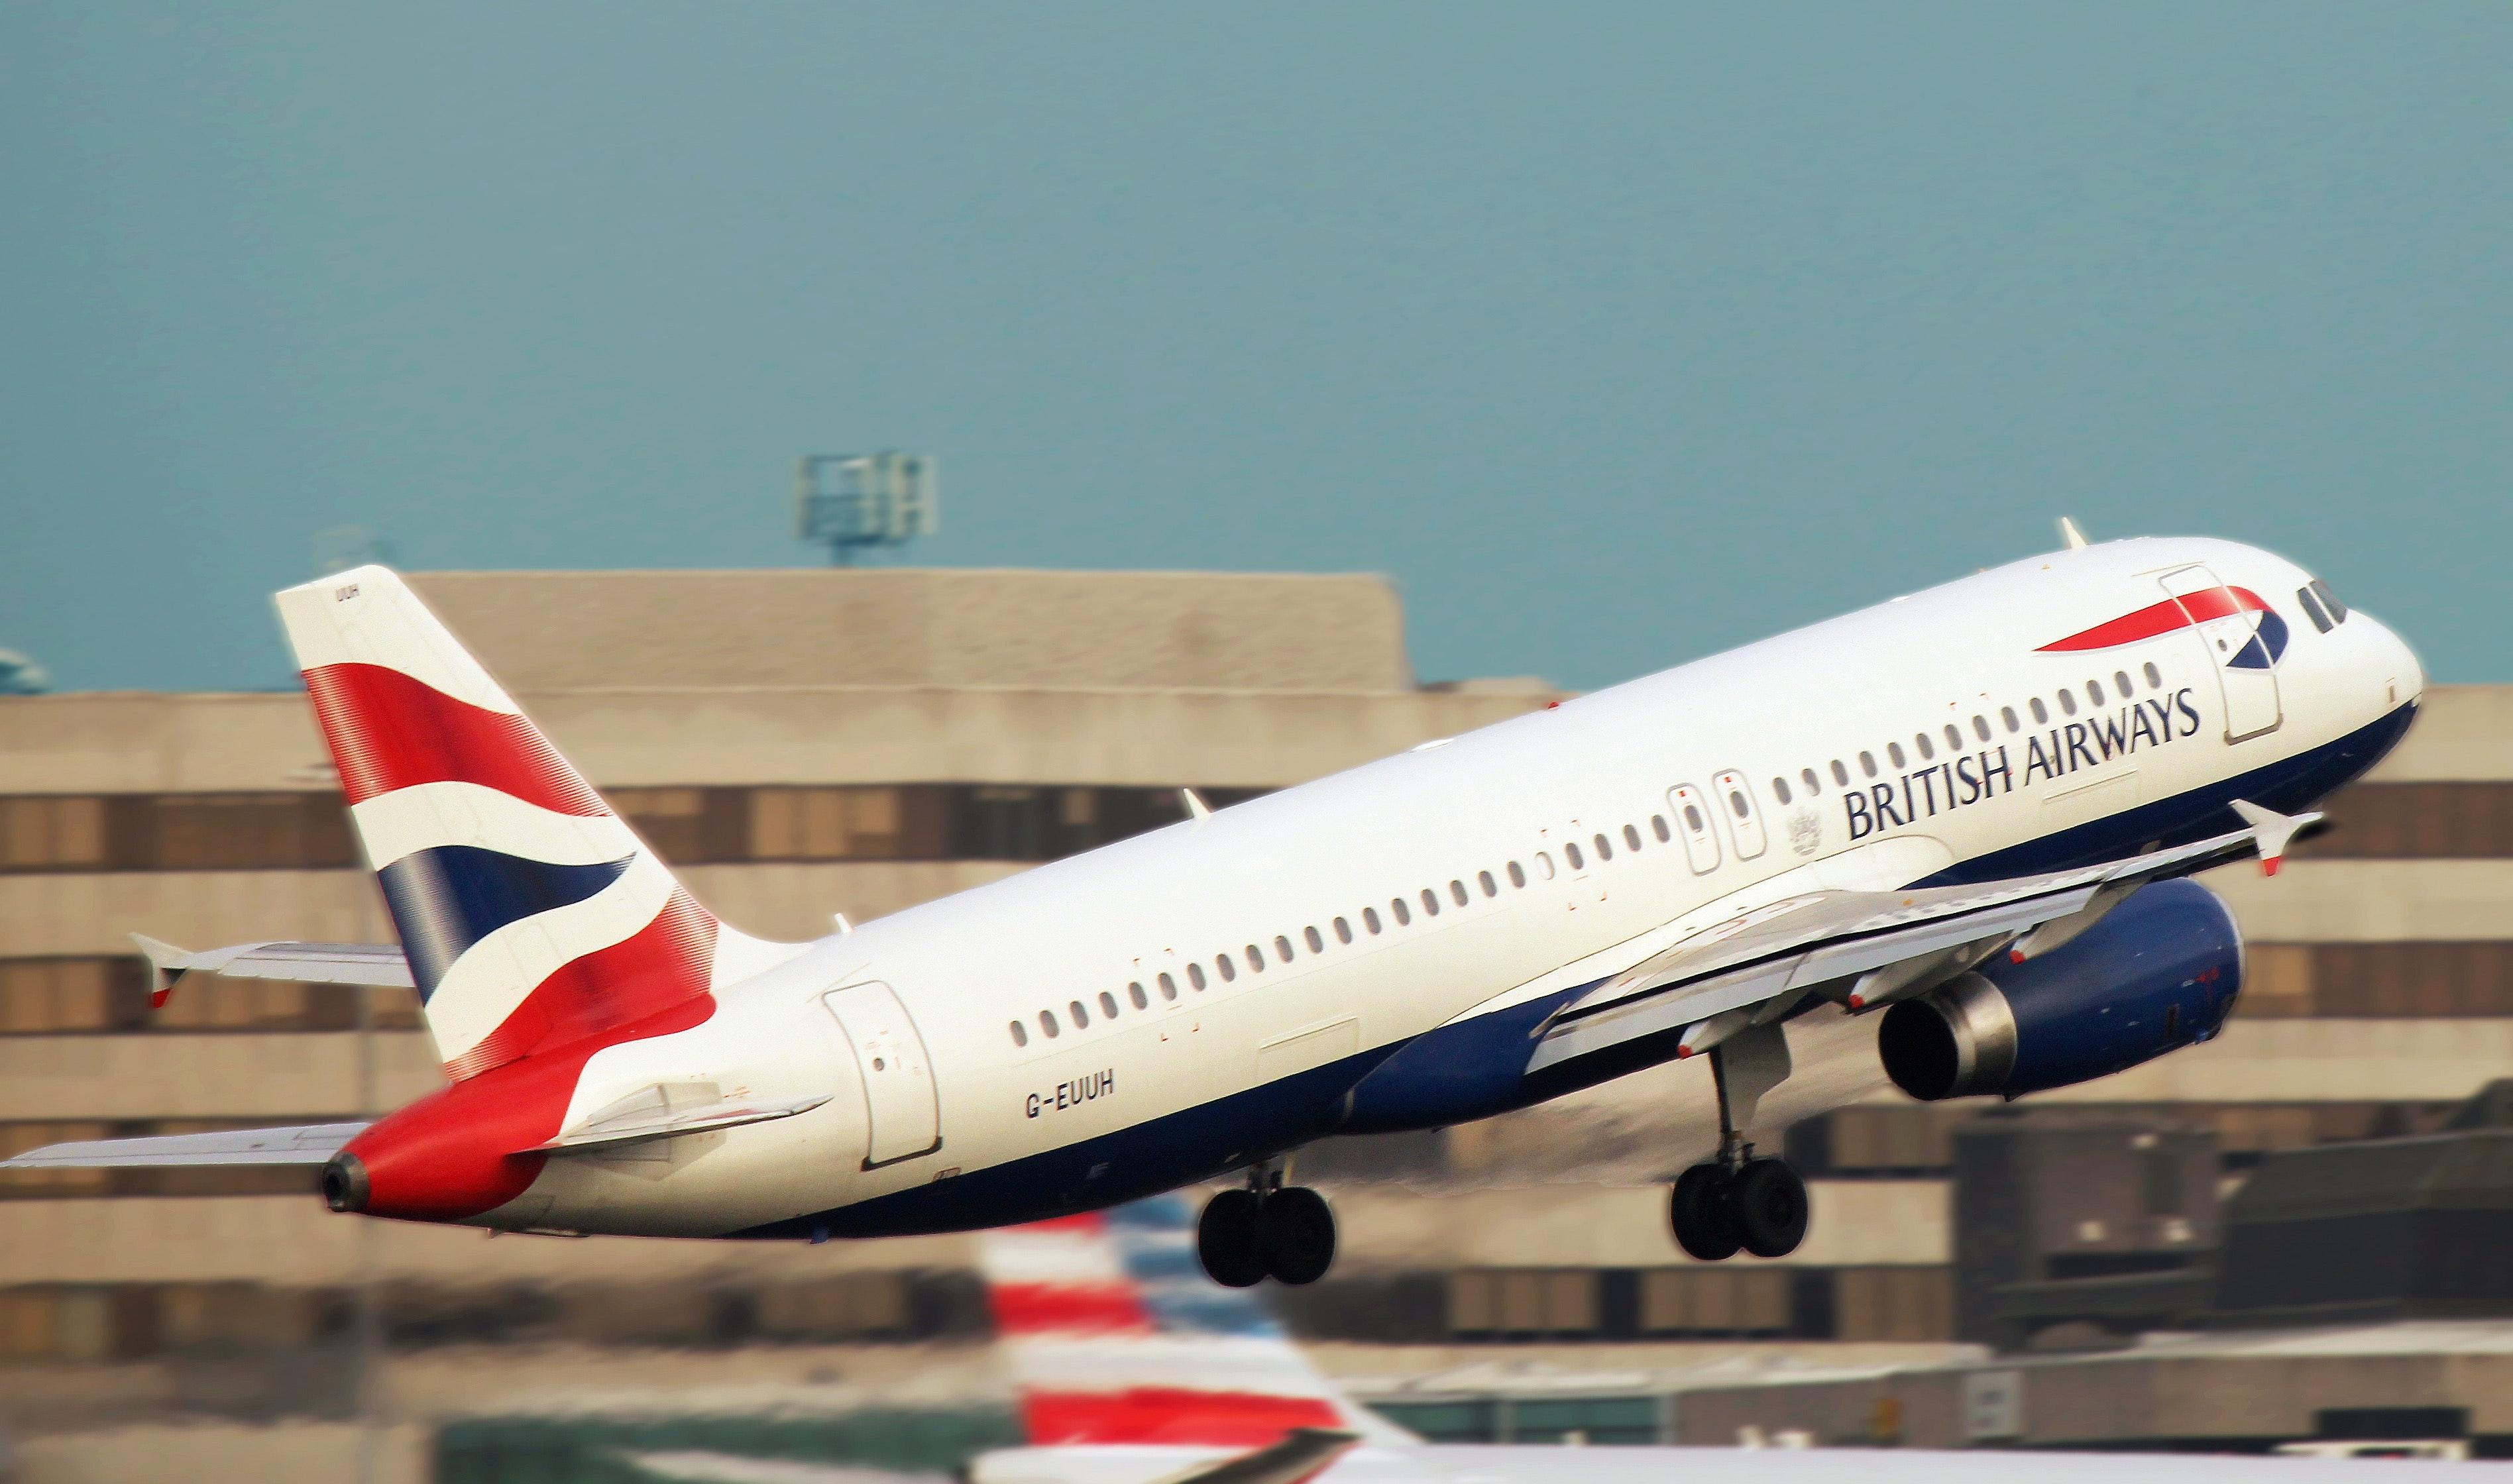 British Airways hacket - kredittkortdetaljer på avveie